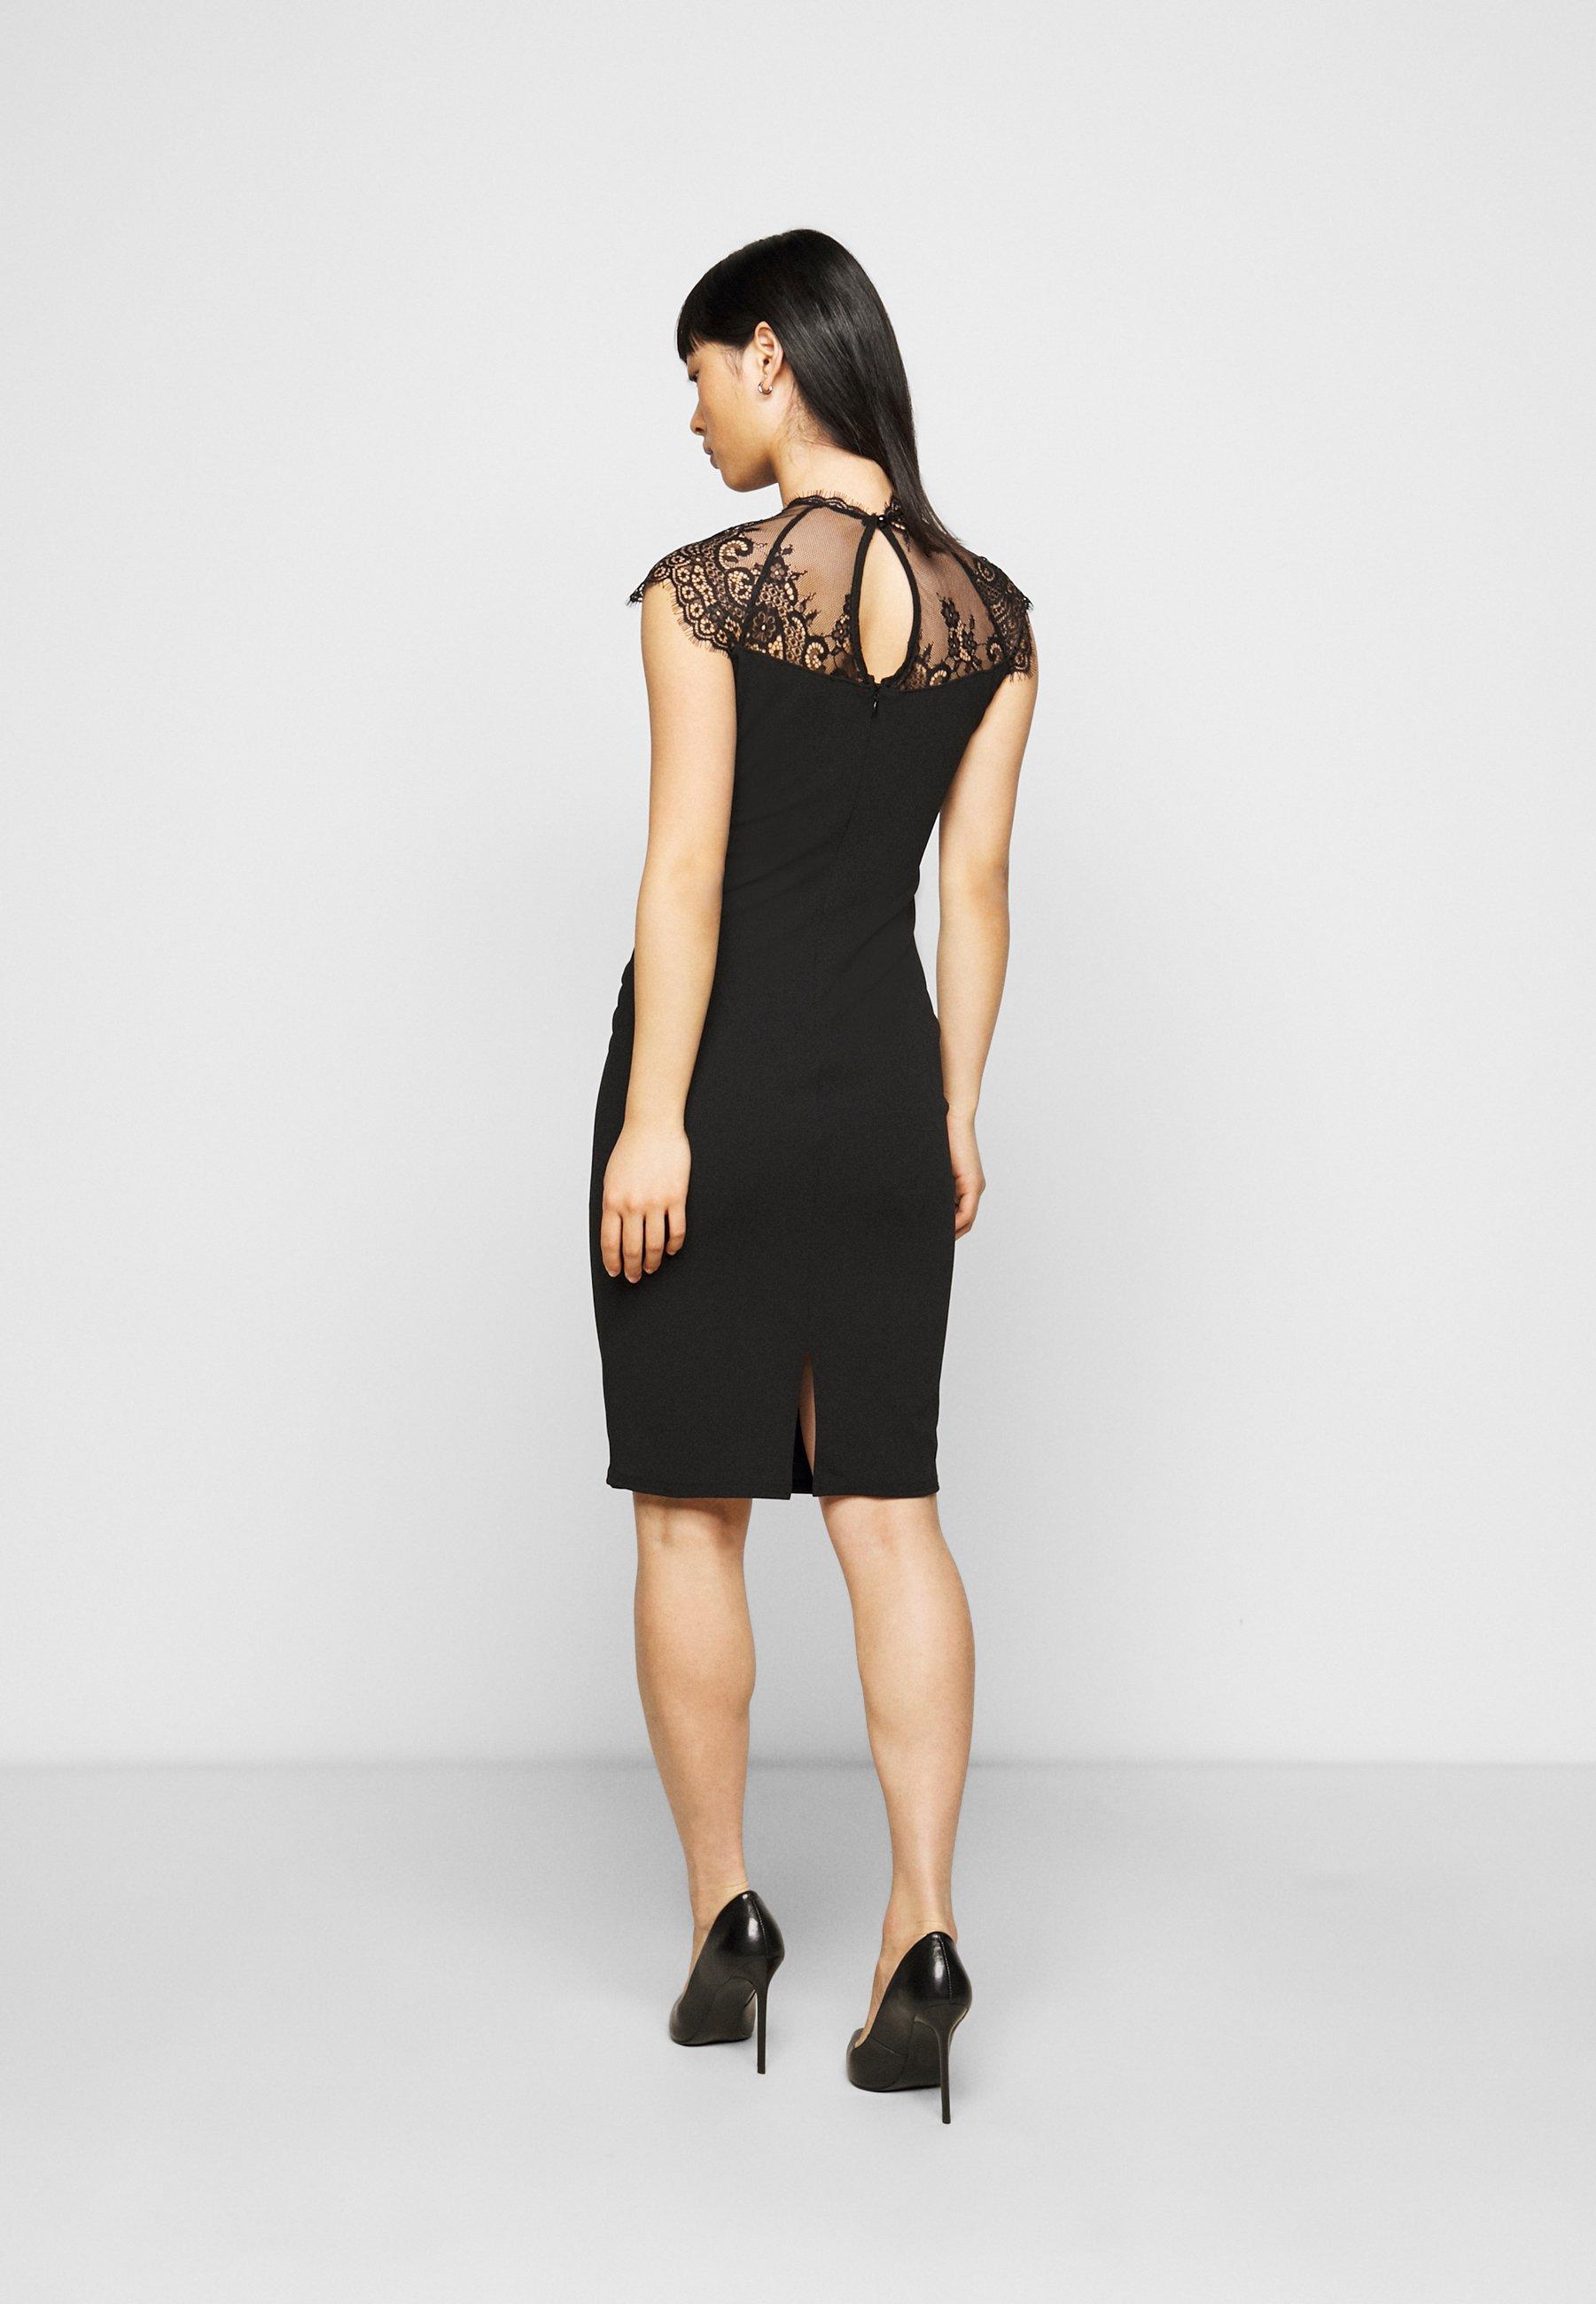 SISTA GLAM PETITE LOTTIE Cocktailkleid/festliches Kleid black/schwarz